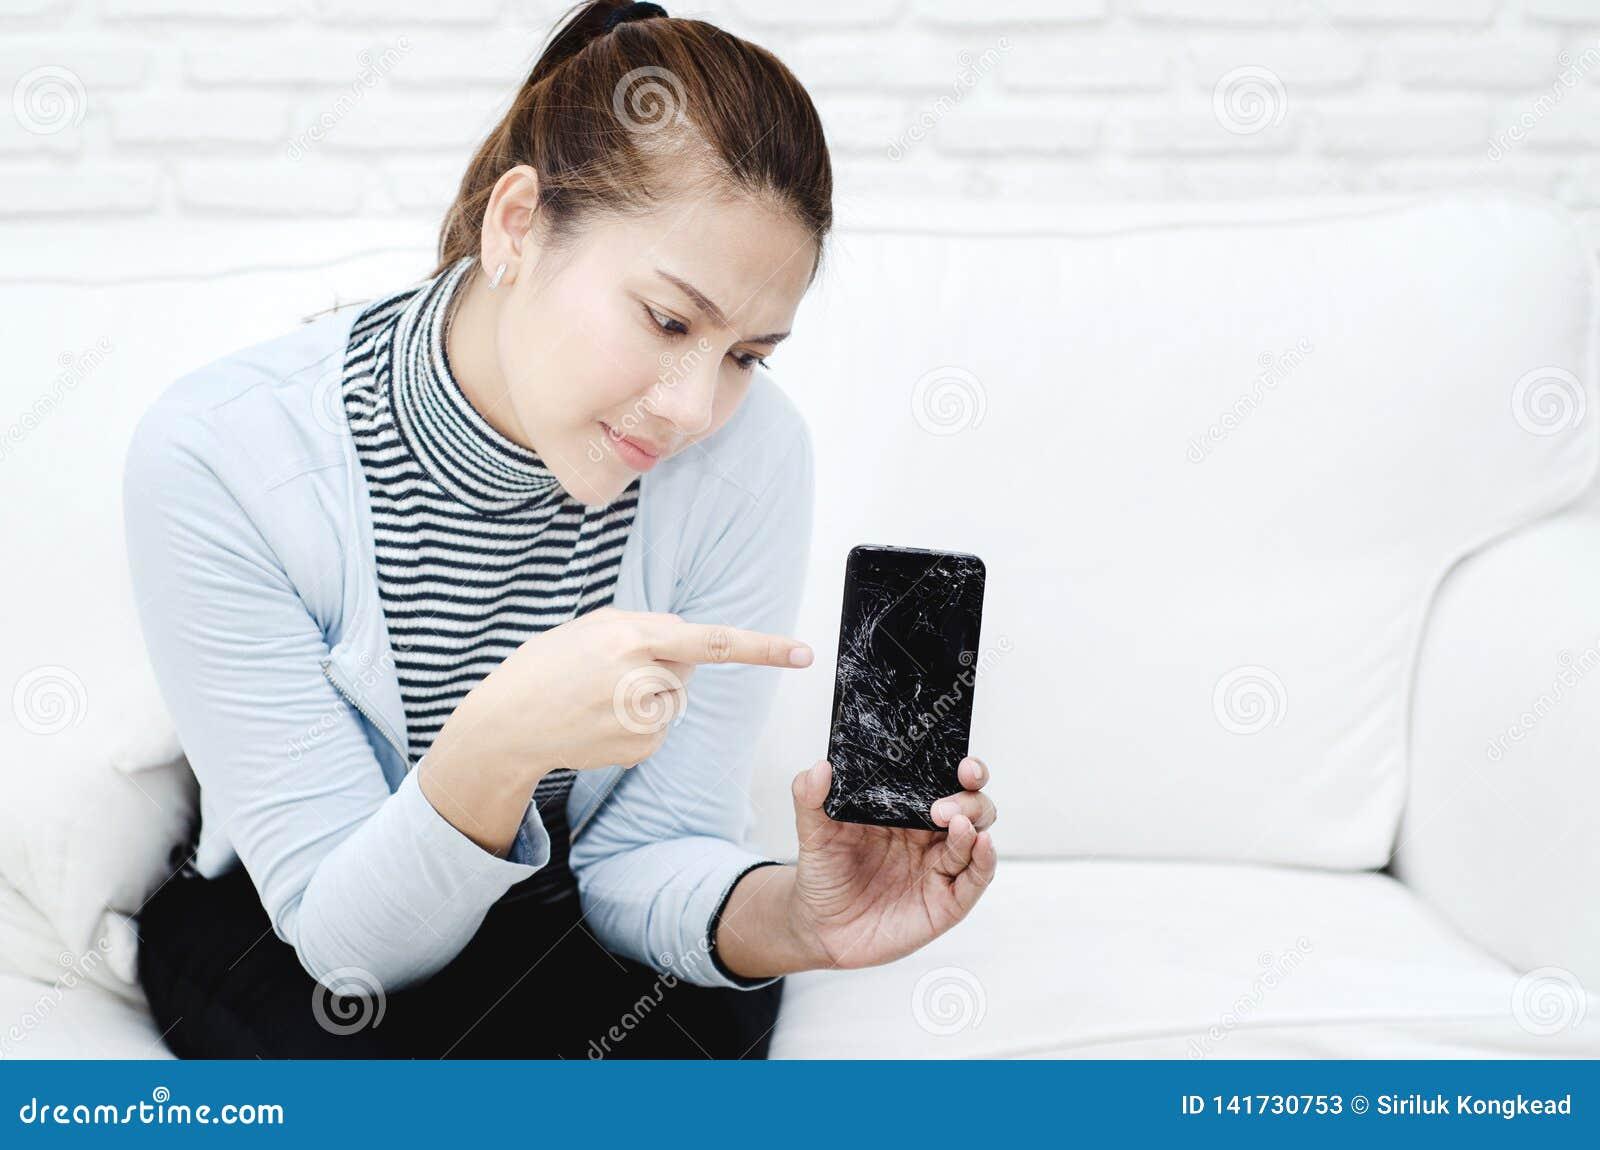 La mujer que se sienta en el sofá que lleva una camisa azul el teléfono móvil está quebrada en la mano